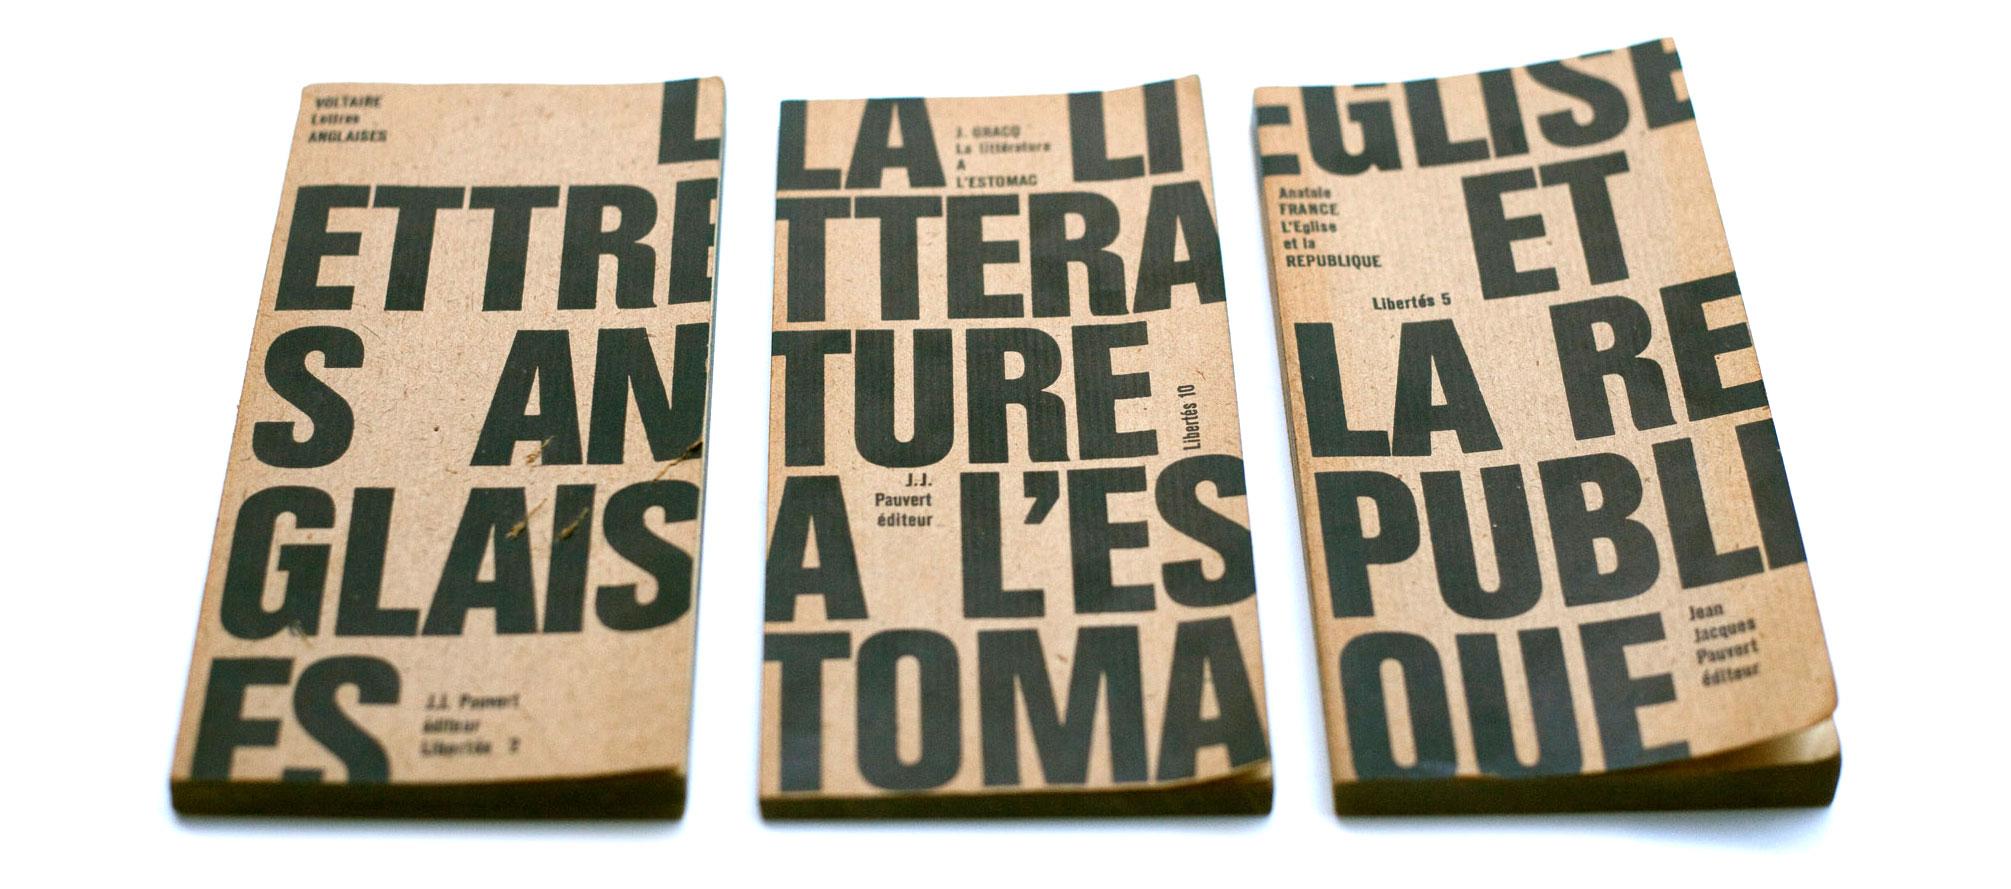 Pierre-Faucheux-Jean-Jacques-Pauvert-Libertes-collection-livres-couverture-1964-1968